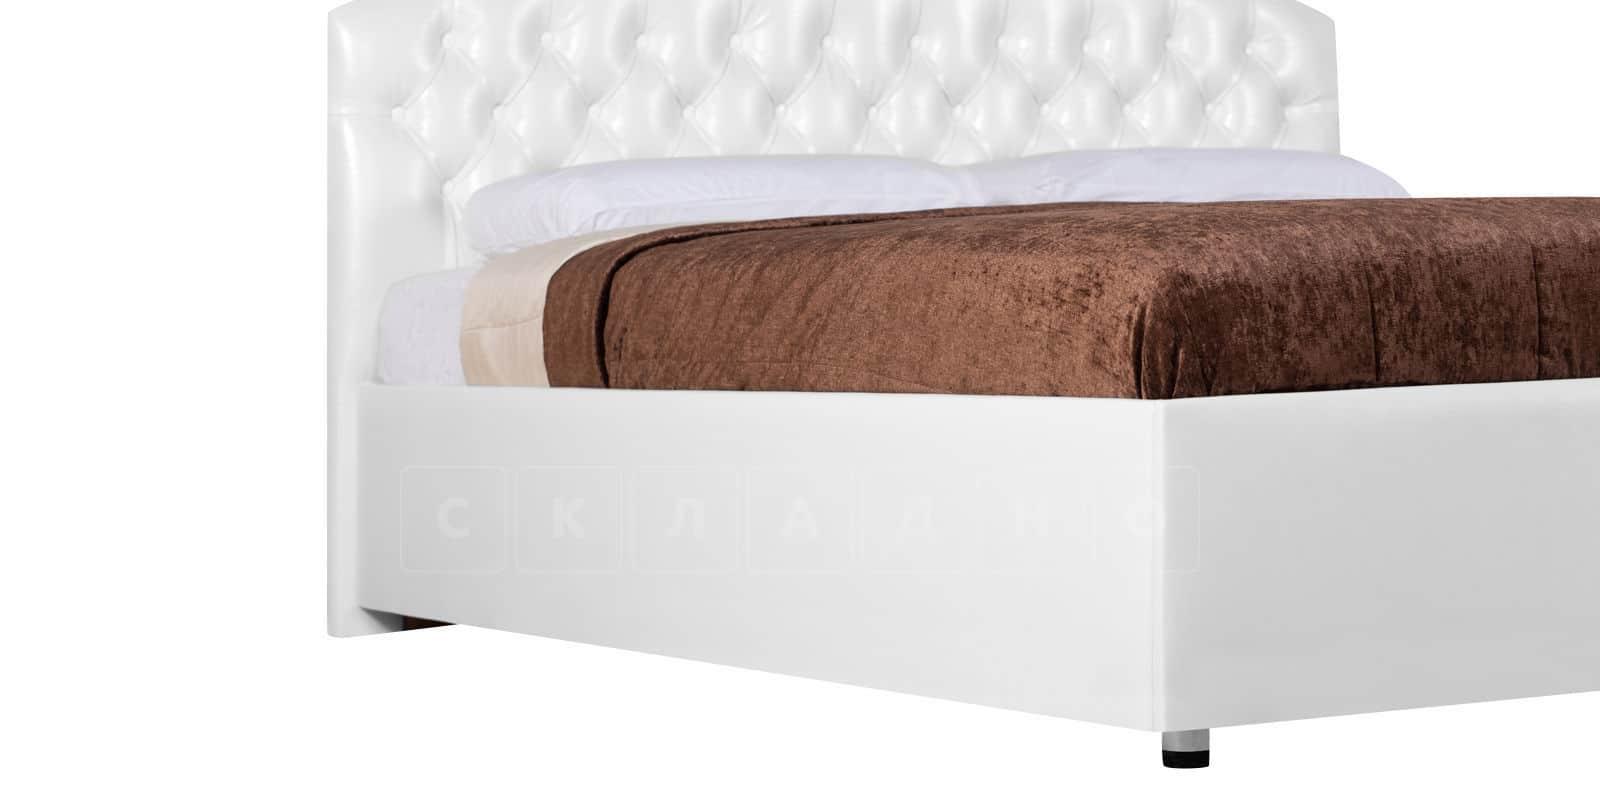 Мягкая кровать Малибу 160см экокожа белого цвета вариант 1-2 фото 4 | интернет-магазин Складно